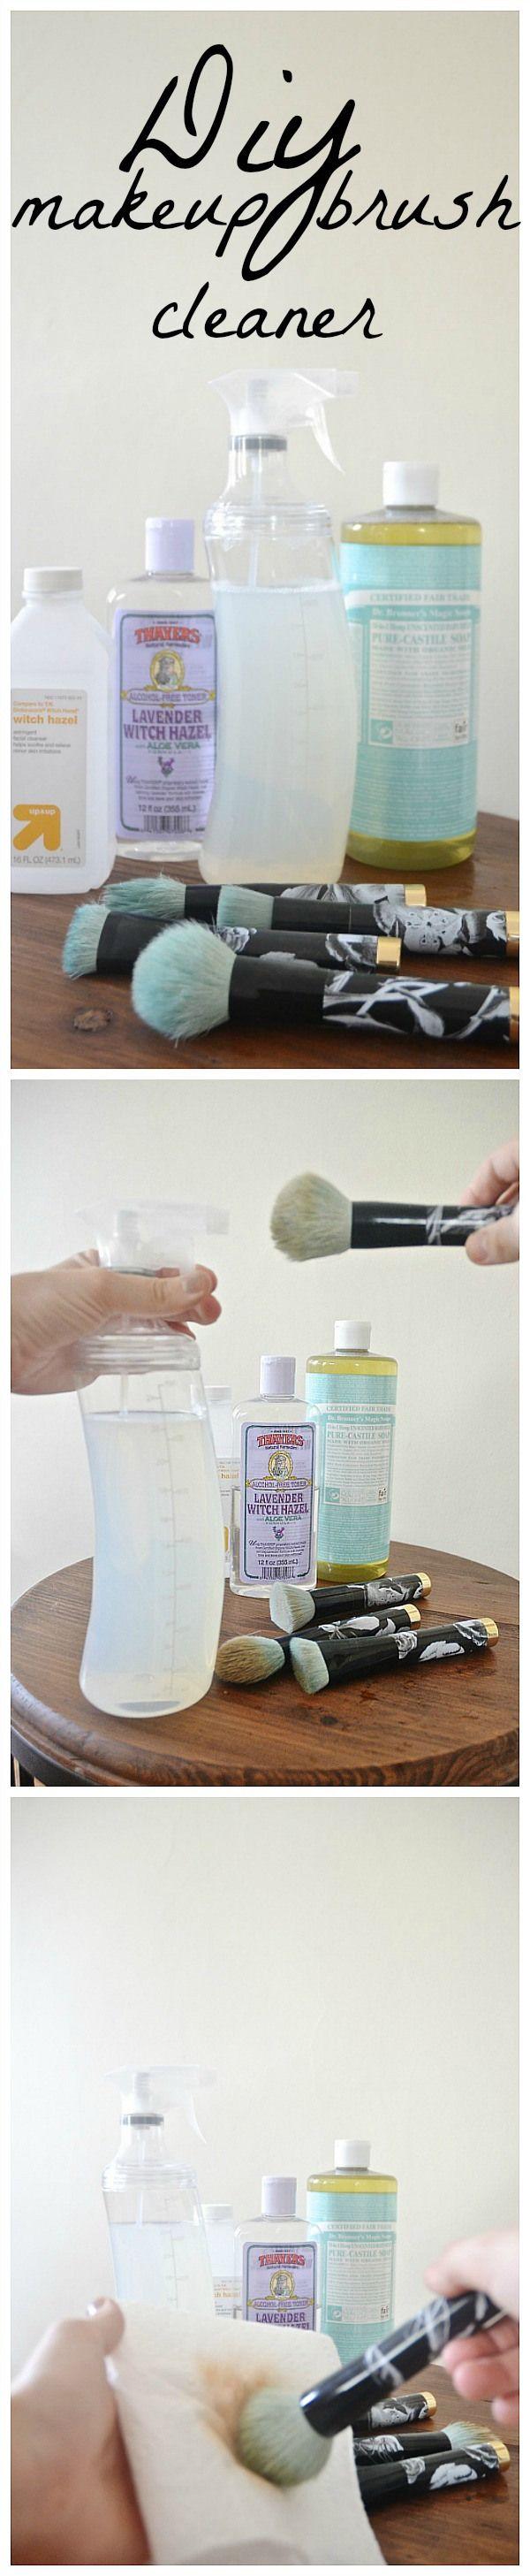 DIY Makeup Brush Cleaner Diy makeup brush, Makeup brush